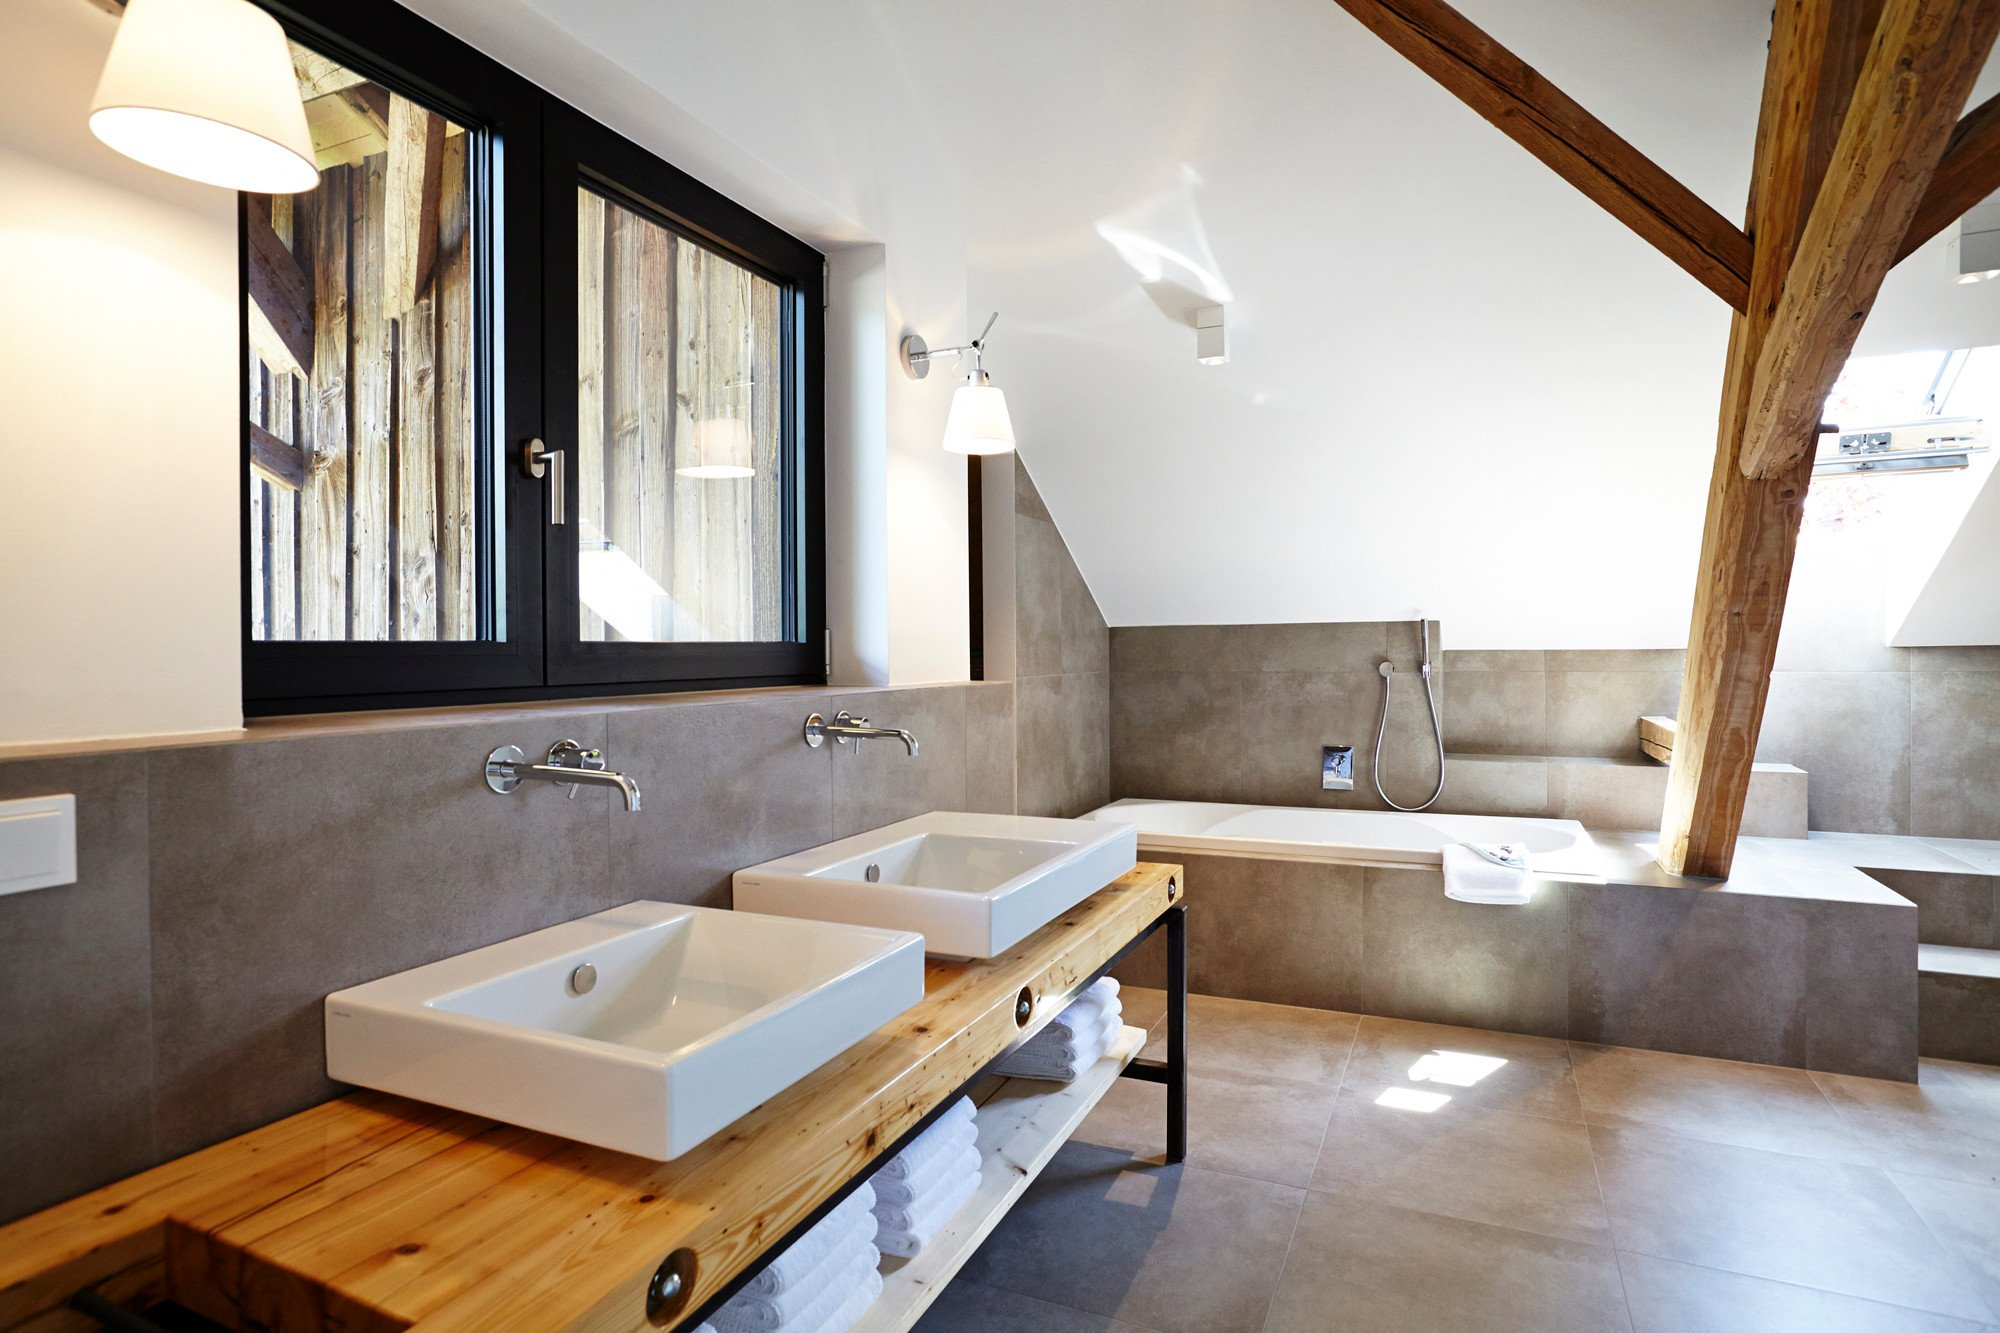 scheunenumbau in parkstetten nachhaltig bauen wohnen baunetz wissen. Black Bedroom Furniture Sets. Home Design Ideas